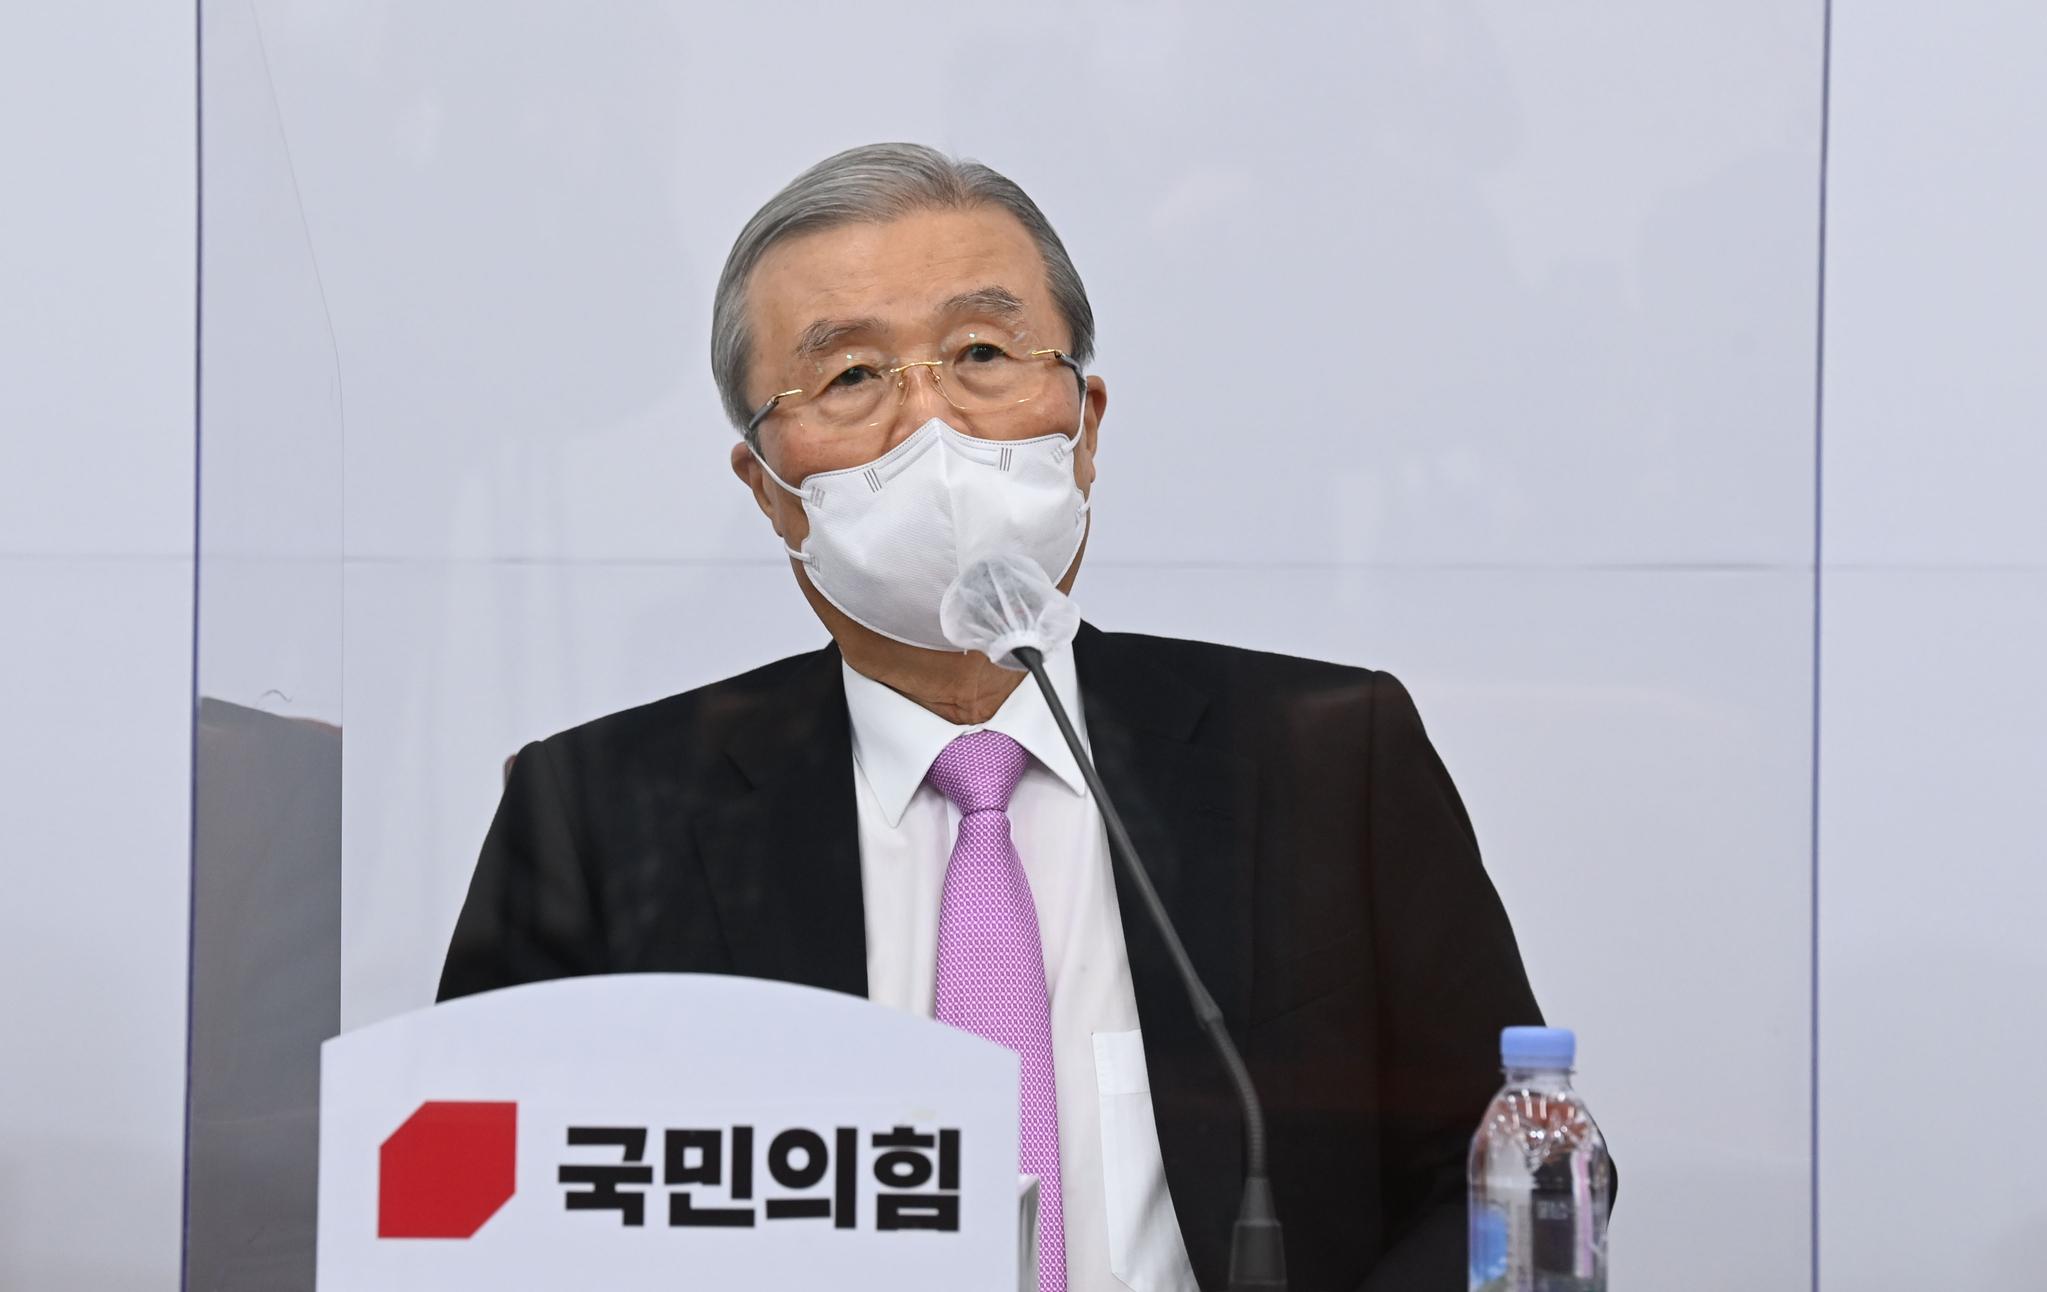 김종인 코로나, 자연재해와 비슷…정부가 보상 해줘야